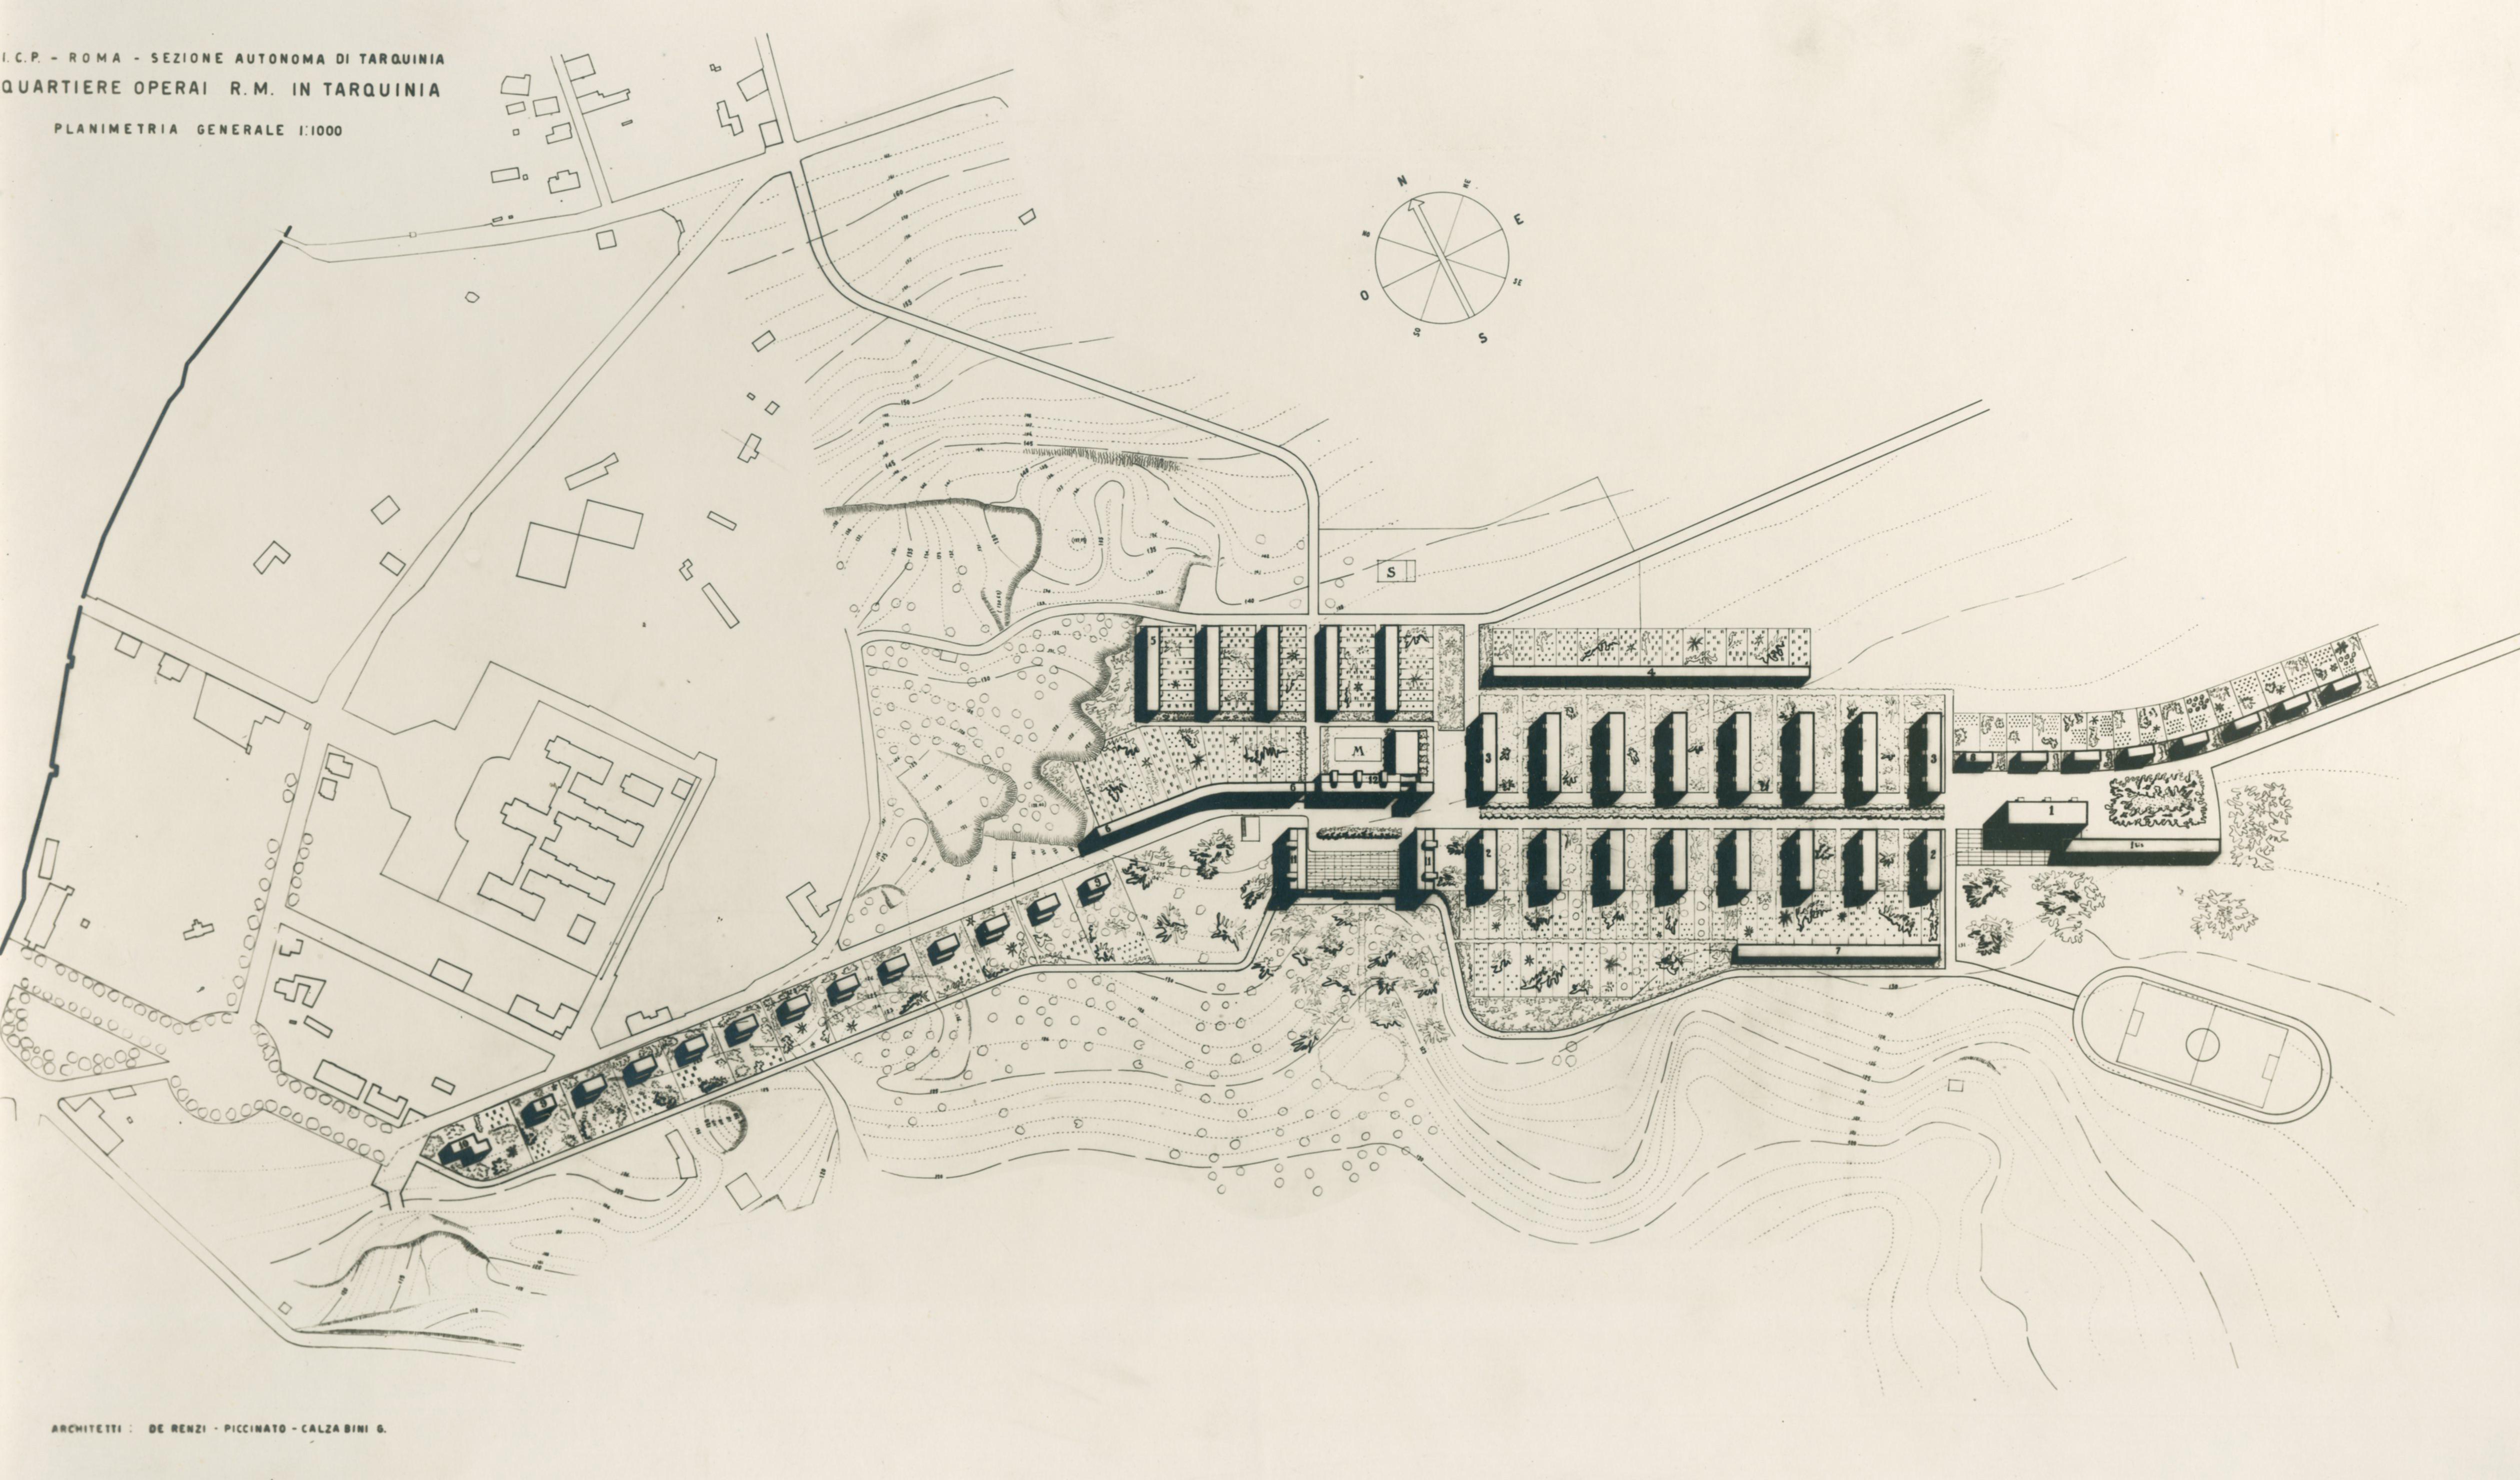 Progetto di villaggio operaio Regina Martina, Tarquinia